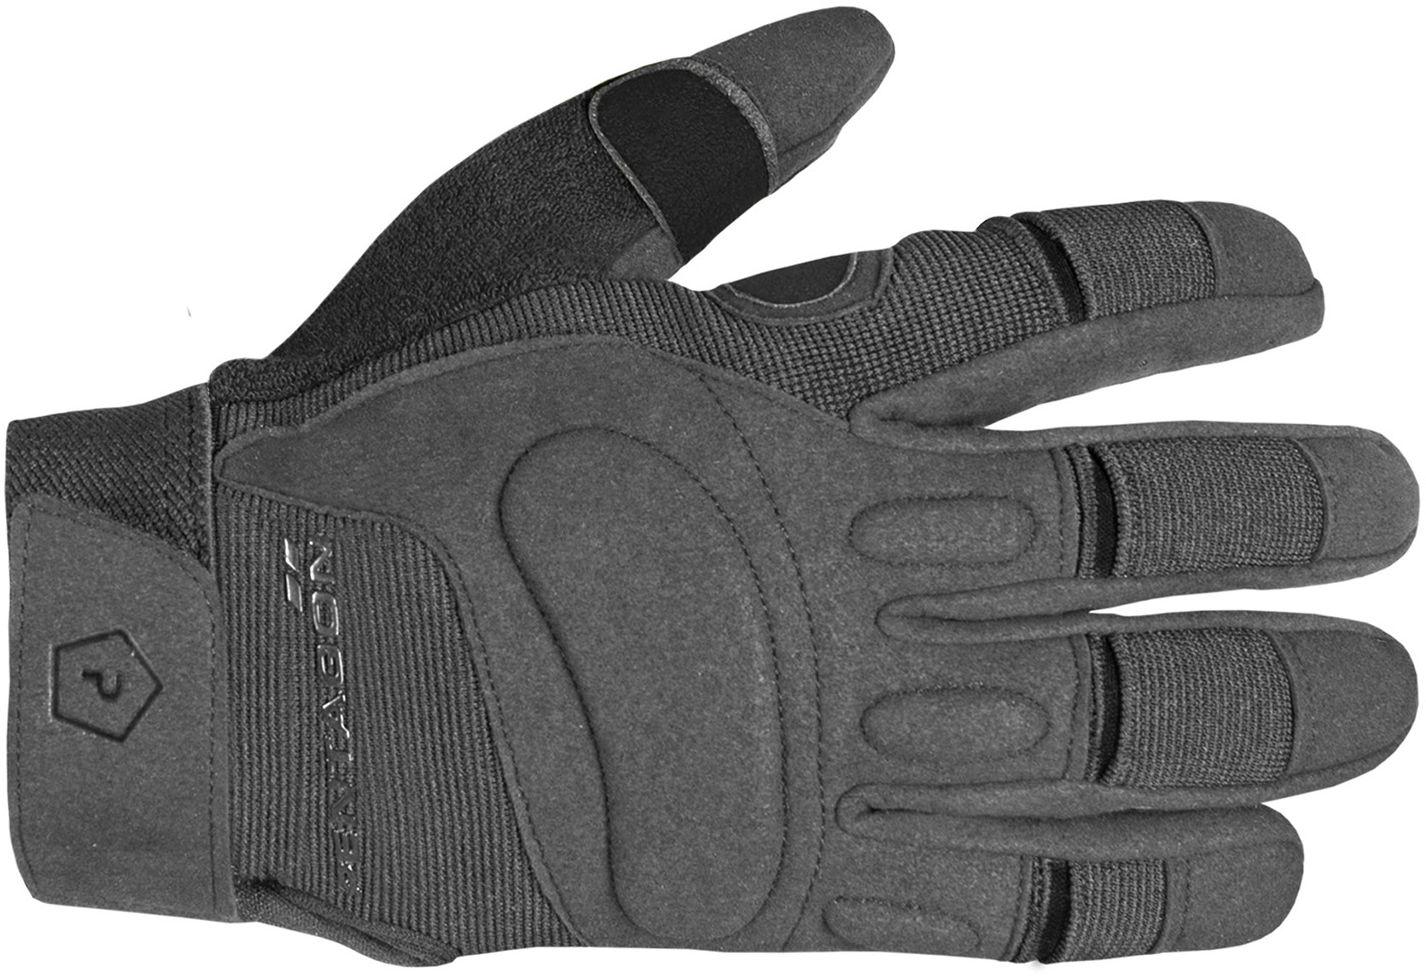 Rękawice taktyczne Pentagon Karia Wolf Grey (P20027-08WG)